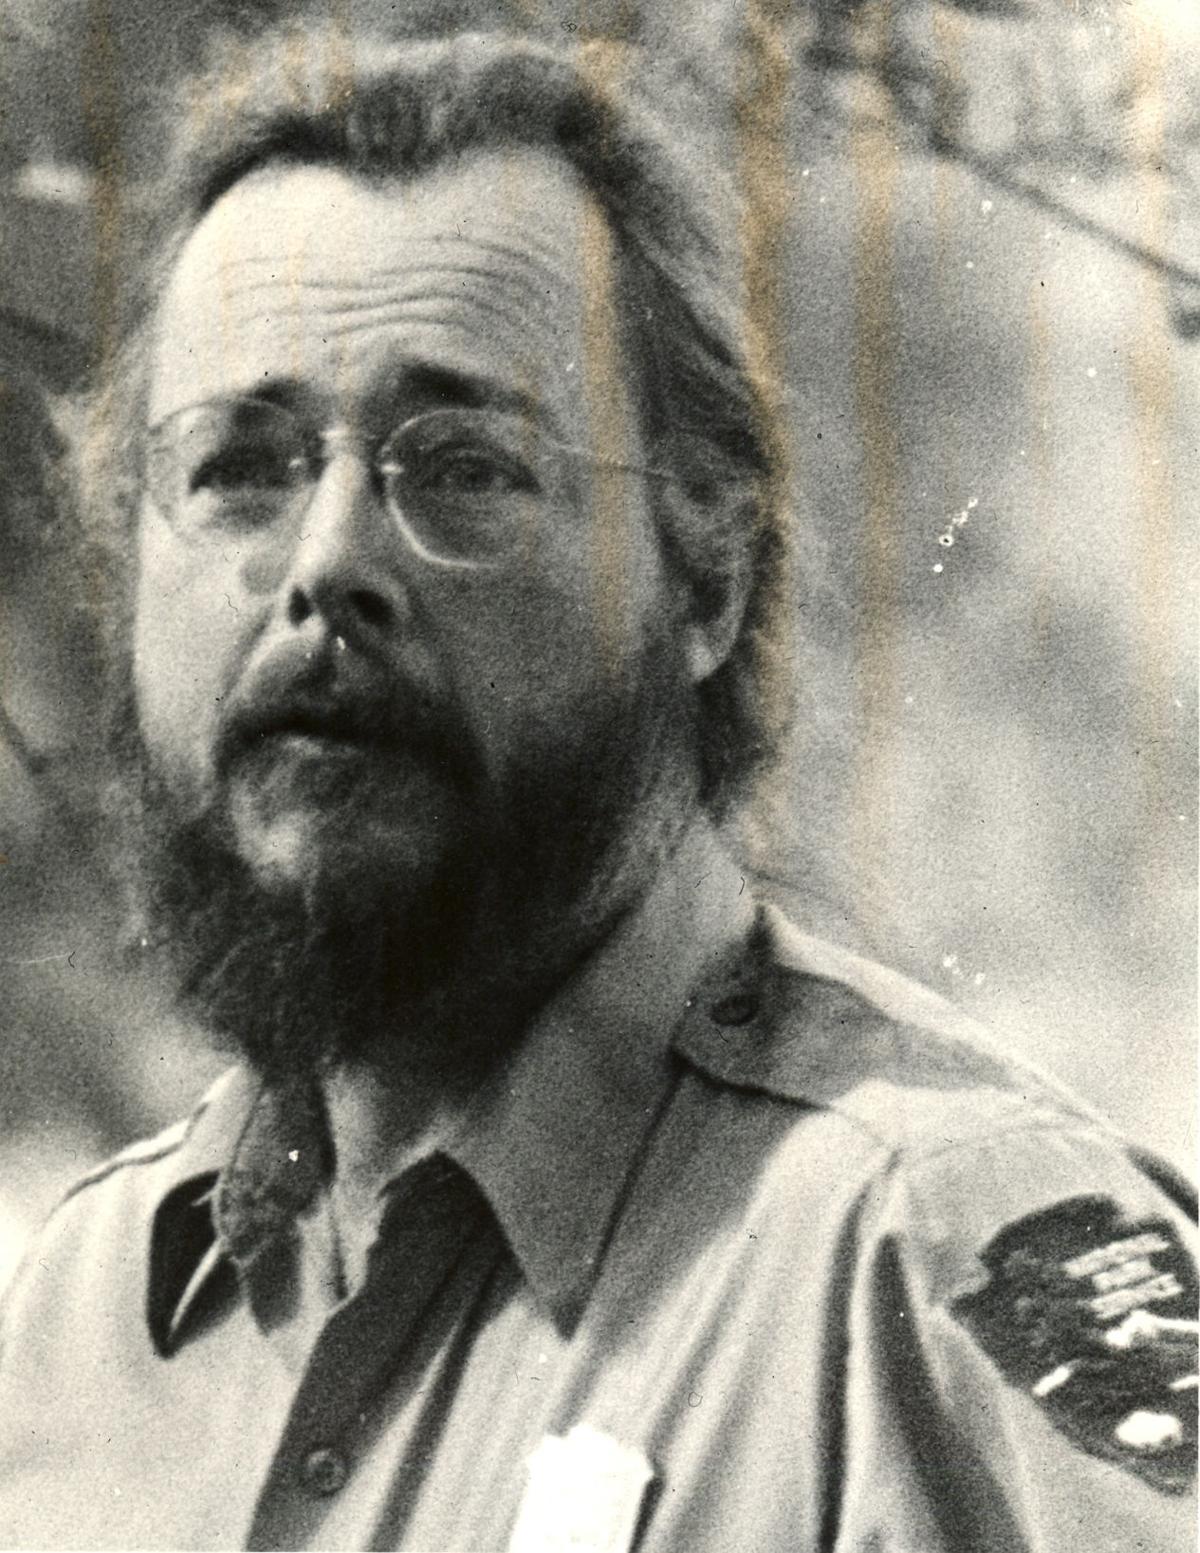 Paul Fugate